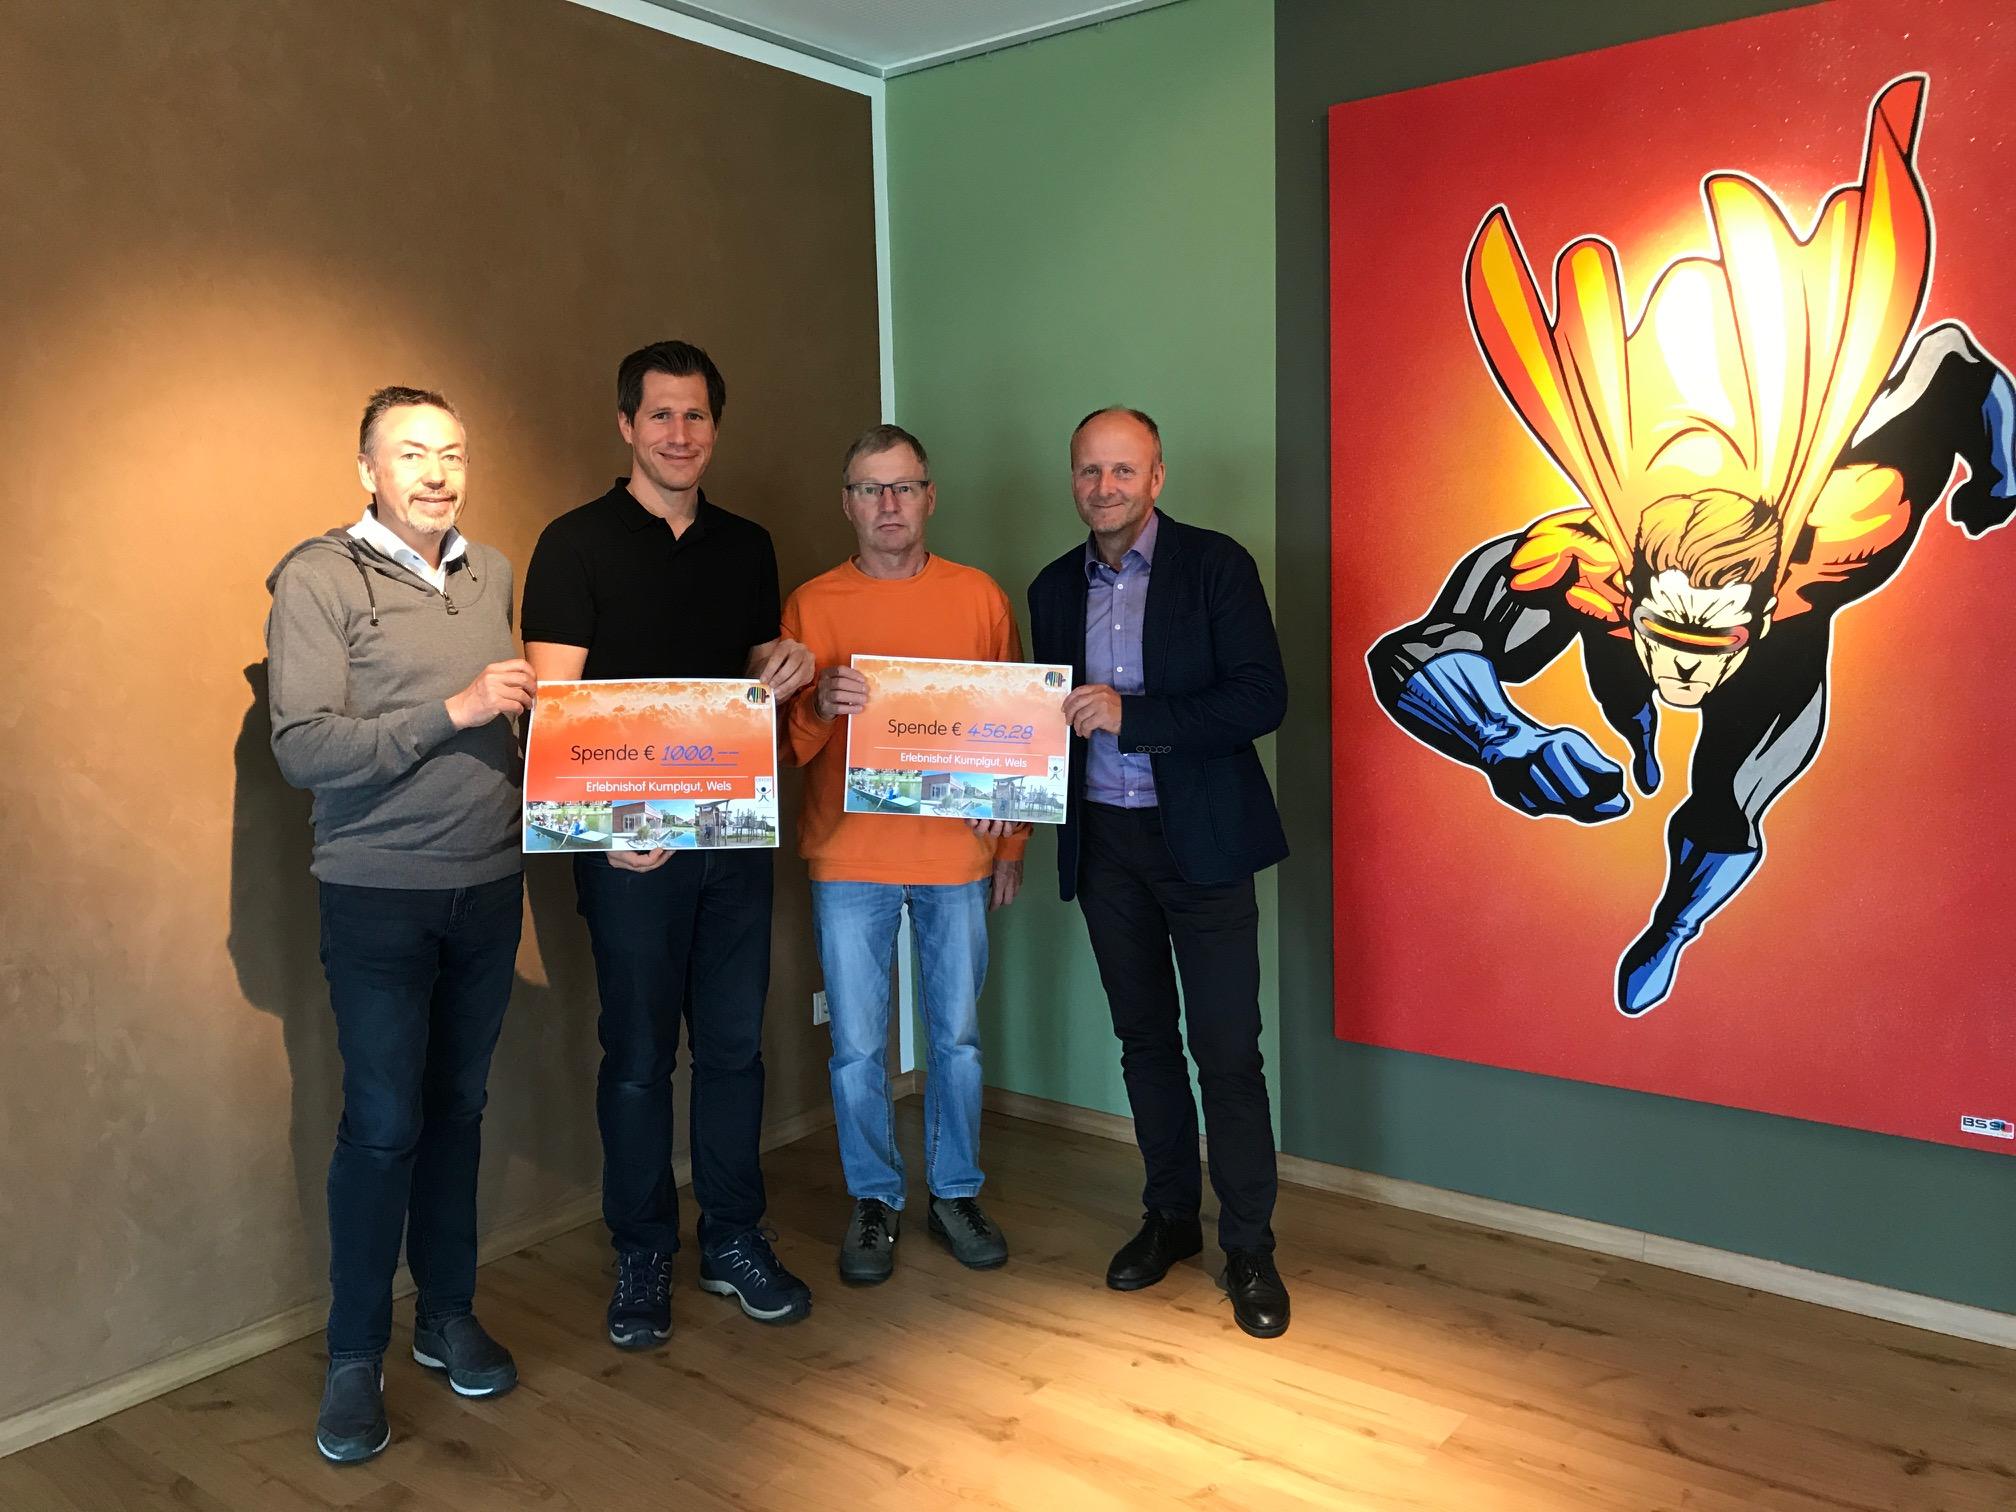 Firma Synthesa übergibt Spendenscheck an den Erlebnishof